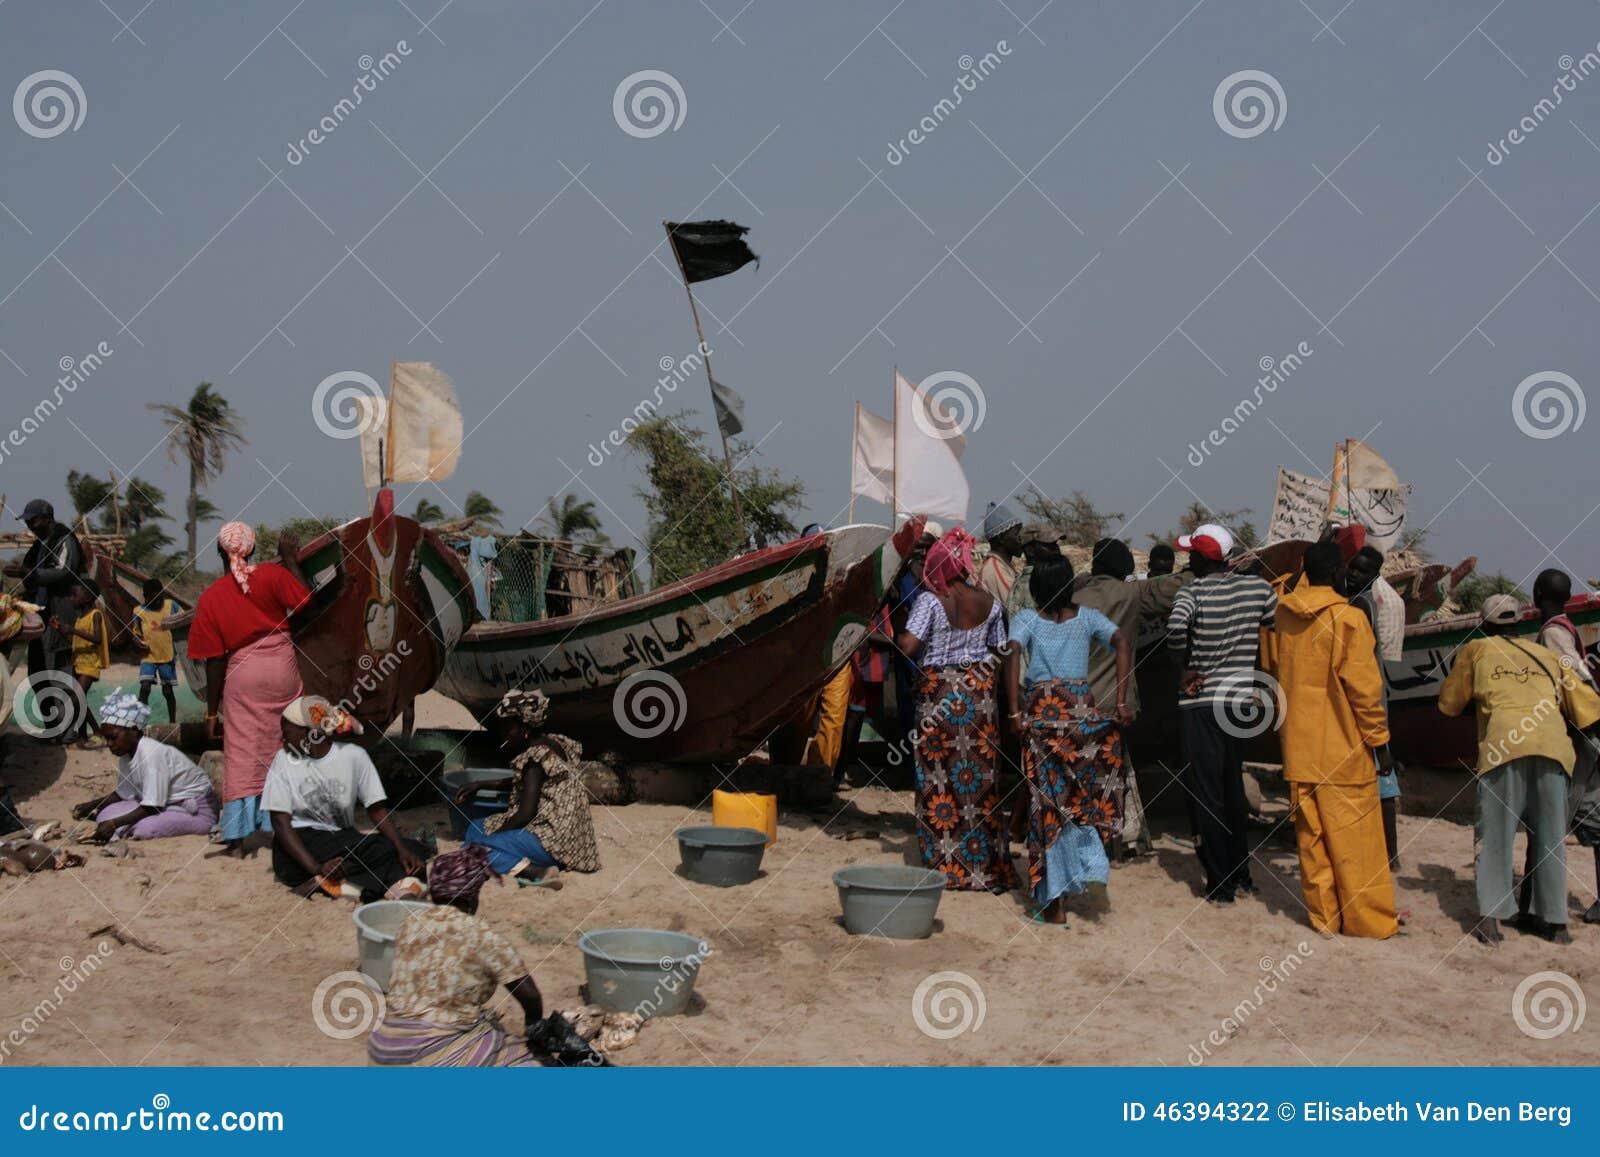 Gambian women seeking men